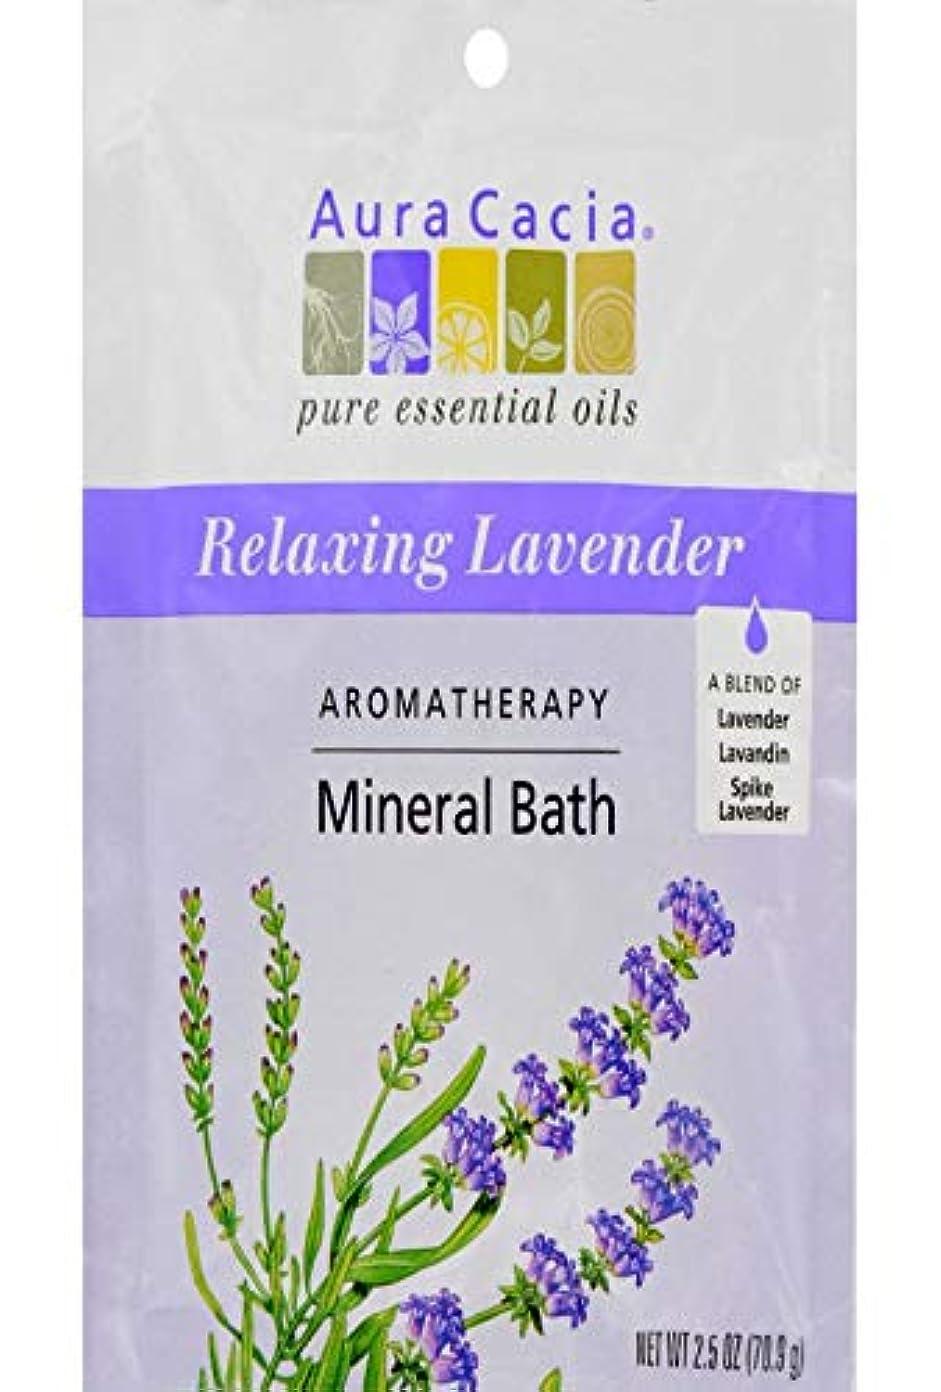 共感する許容できるコウモリAura Cacia, Aromatherapy Mineral Bath, Relaxing Lavender, 2.5 oz (70.9 g)